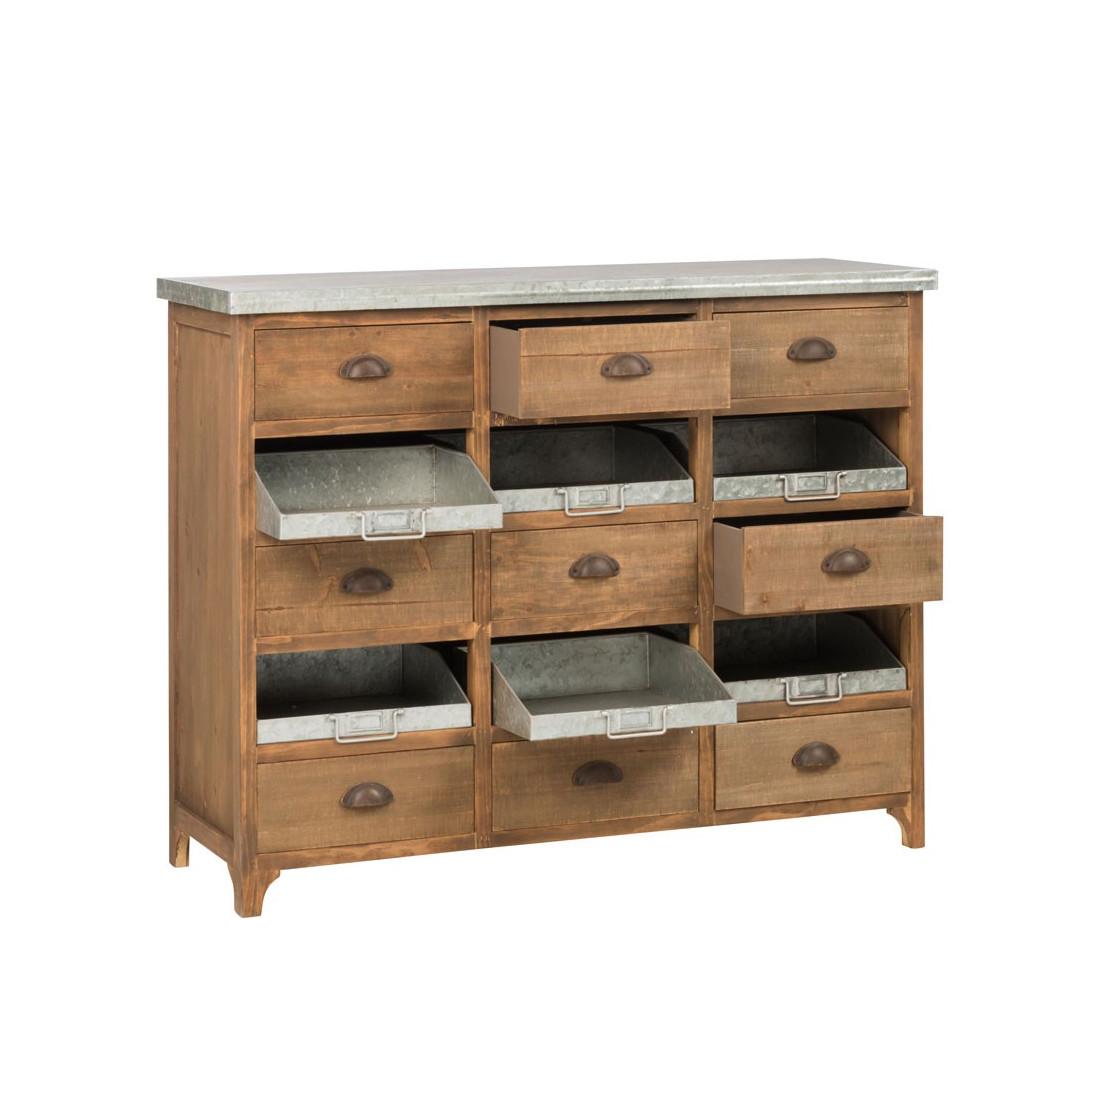 Meuble d 39 entr e bois m tal 15 tiroirs irona univers petits meubles - Meuble entree bois ...